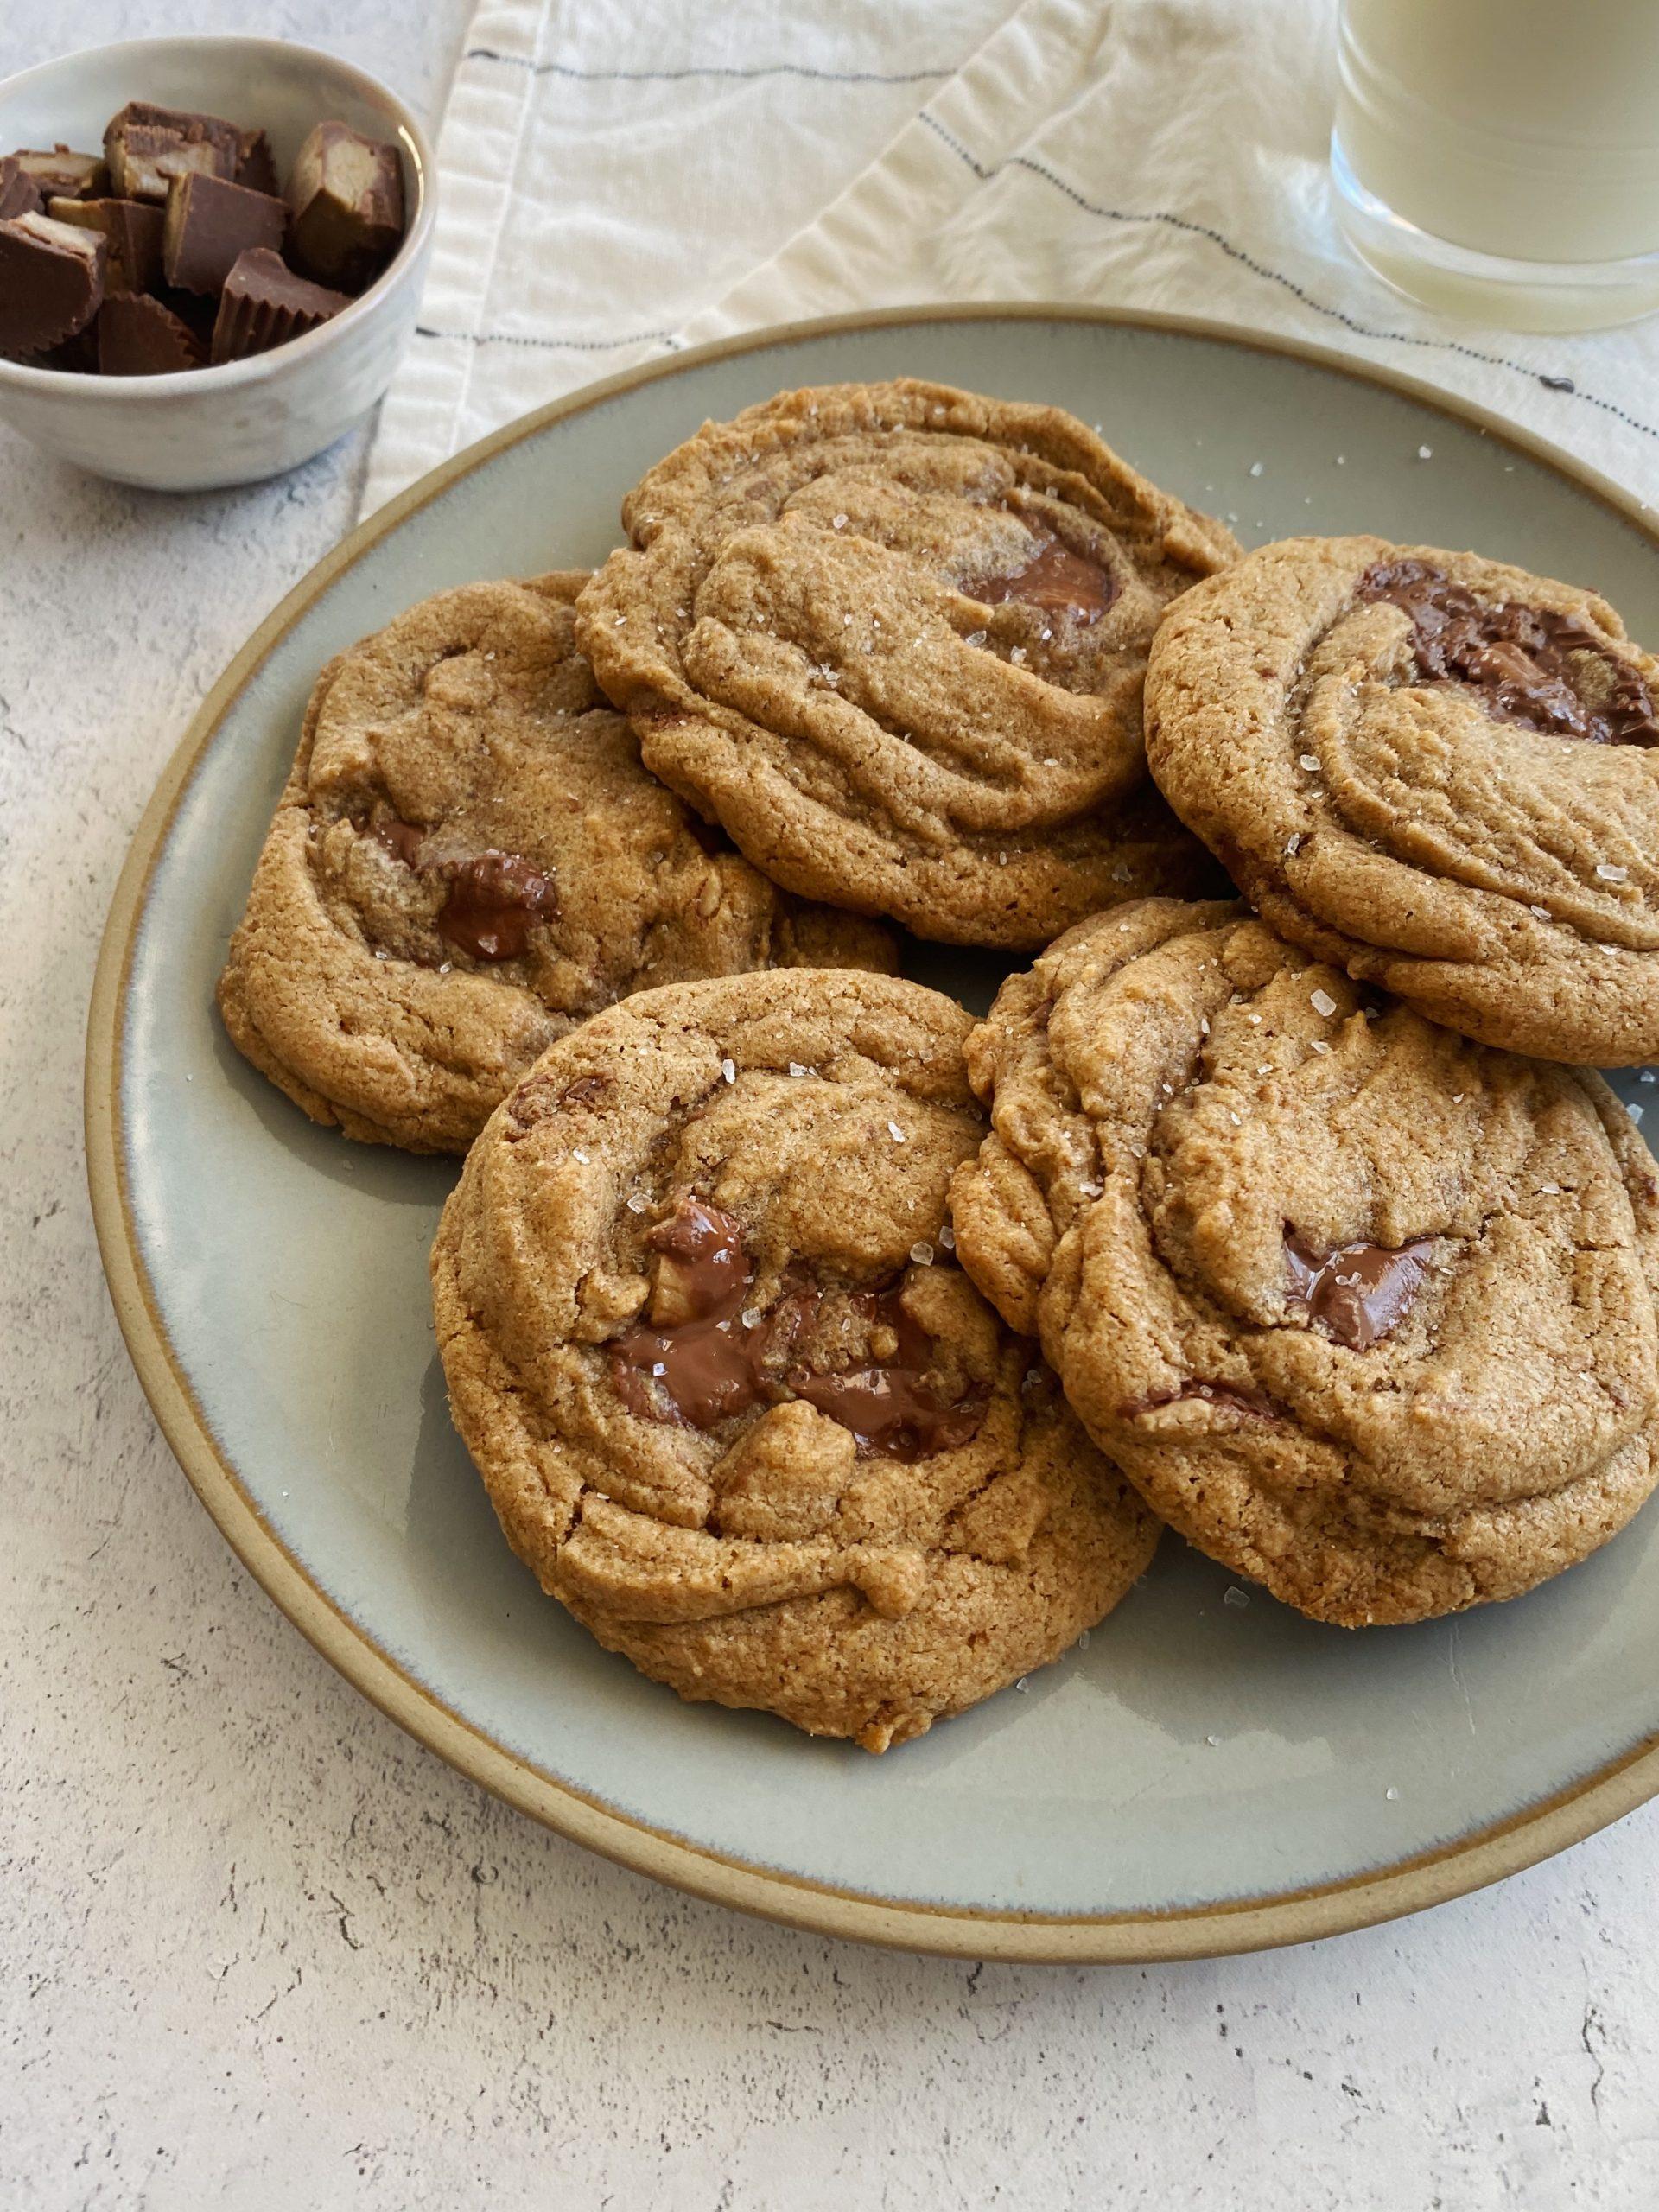 nut-free cookies